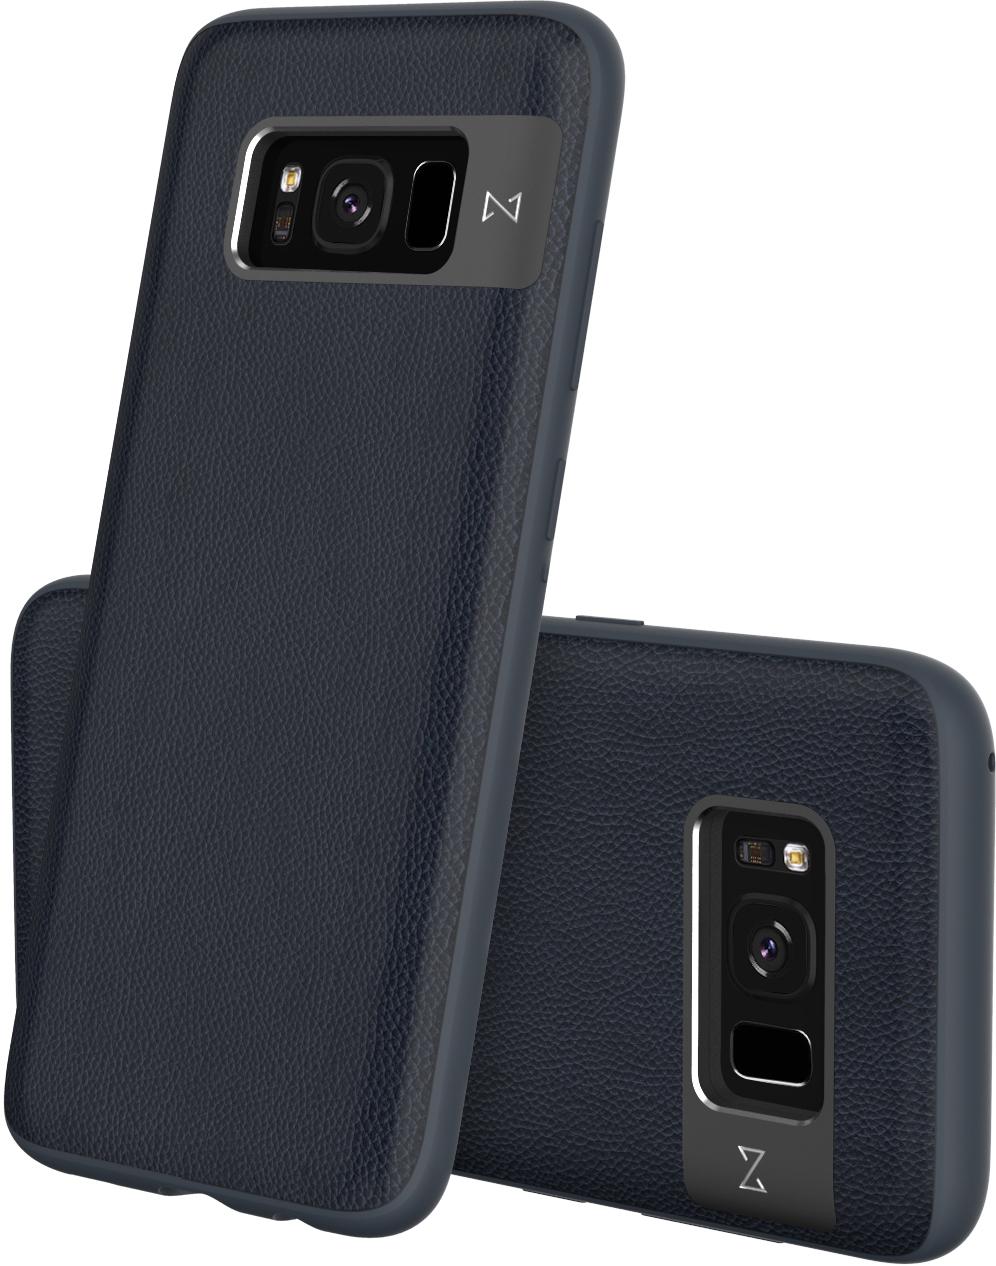 Matchnine Tailor чехол для Samsung Galaxy S8 Plus, Dark BlueENV056Чехол Matchnine Tailor - стильный аксессуар, обеспечивающий надежную защиту Samsung Galaxy S8 Plus от ударов и других воздействий. Его задняя панель изготовлена из жесткого поликарбоната, стилизованного под кожу, а бампер - из эластичного полиуретана. Кроме того, он украшен металлической накладкой, обрамляющей камеру.Мягкая рамка позволяет быстро надевать клип-кейс. Она слегка выступает над экраном, защищая его от контактов с твердыми поверхностями.Несмотря на отличные защитные свойства, чехол практически не увеличивает размеры устройства. С ним мобильный девайс можно носить в кармане или в специальном отделении сумки. Вырезы в клип-кейсе предоставляют доступ к важнейшим деталям смартфона, включая камеры, кнопки и разъемы.